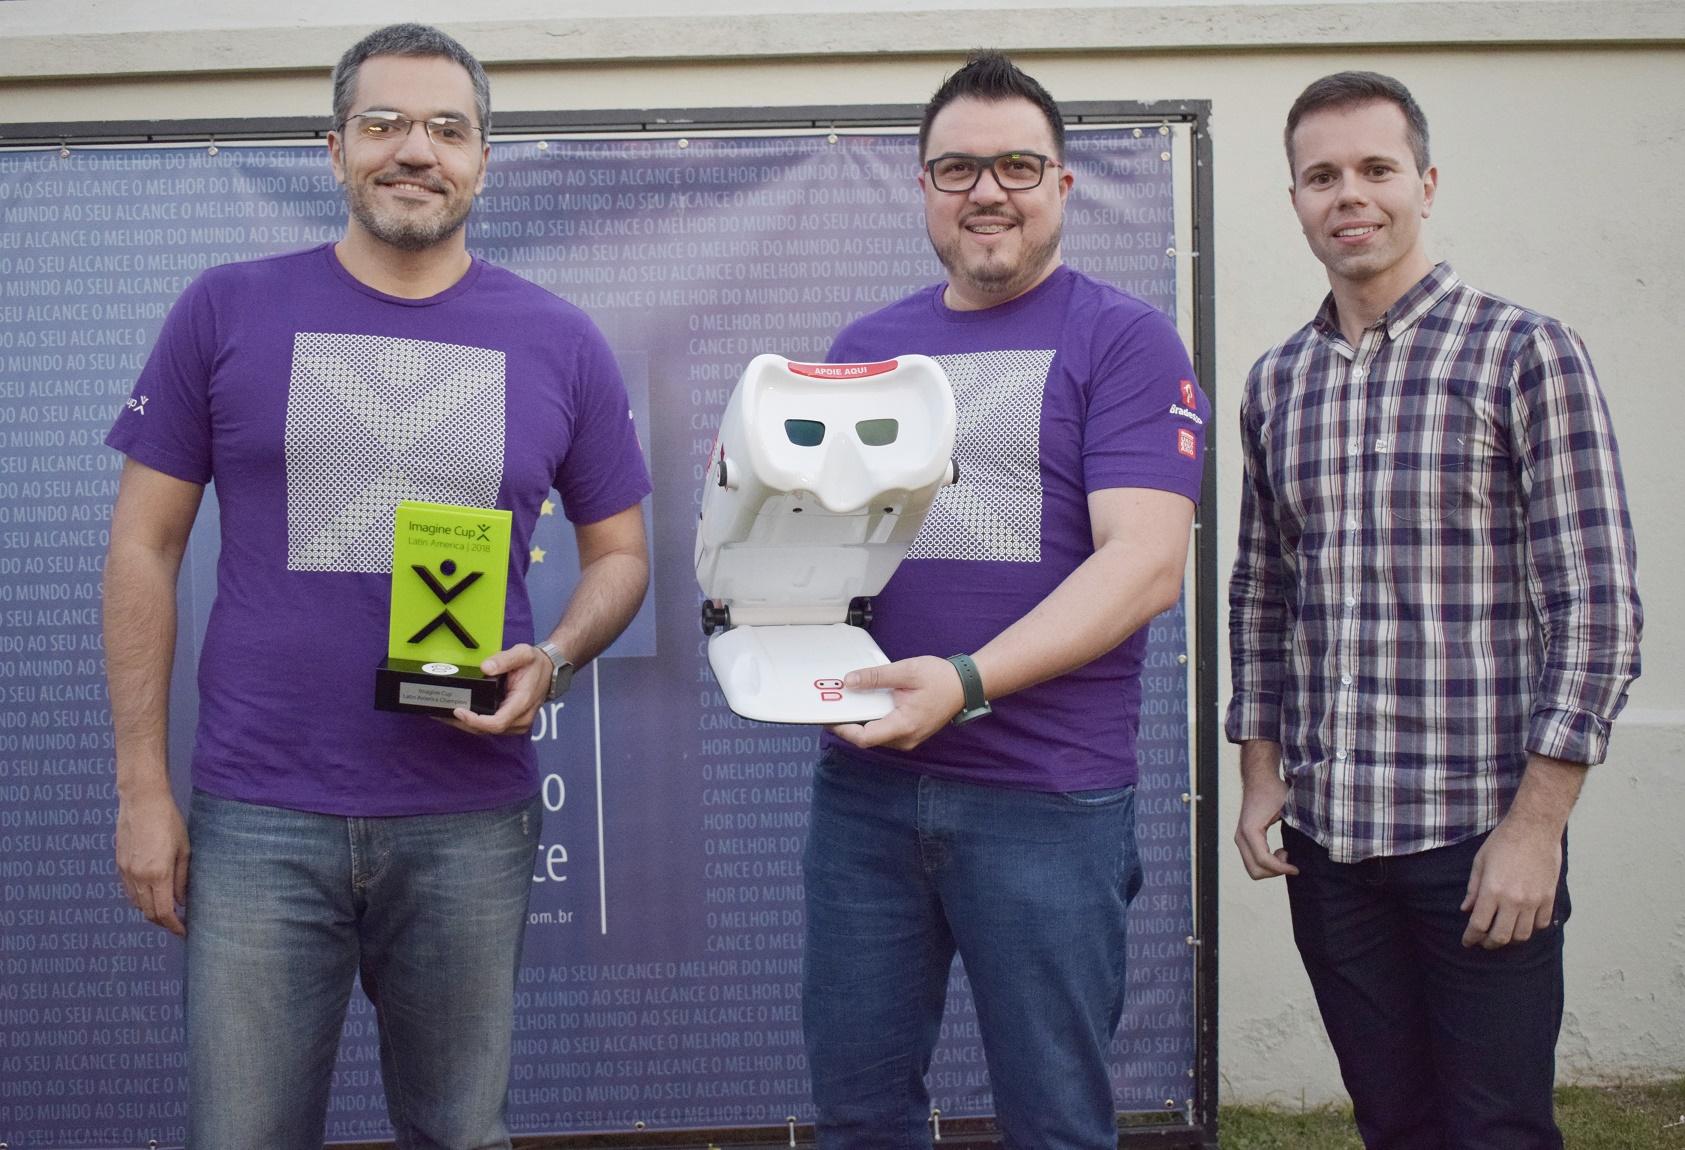 Robô vai representar o Brasil na maior competição de tecnologia do mundo